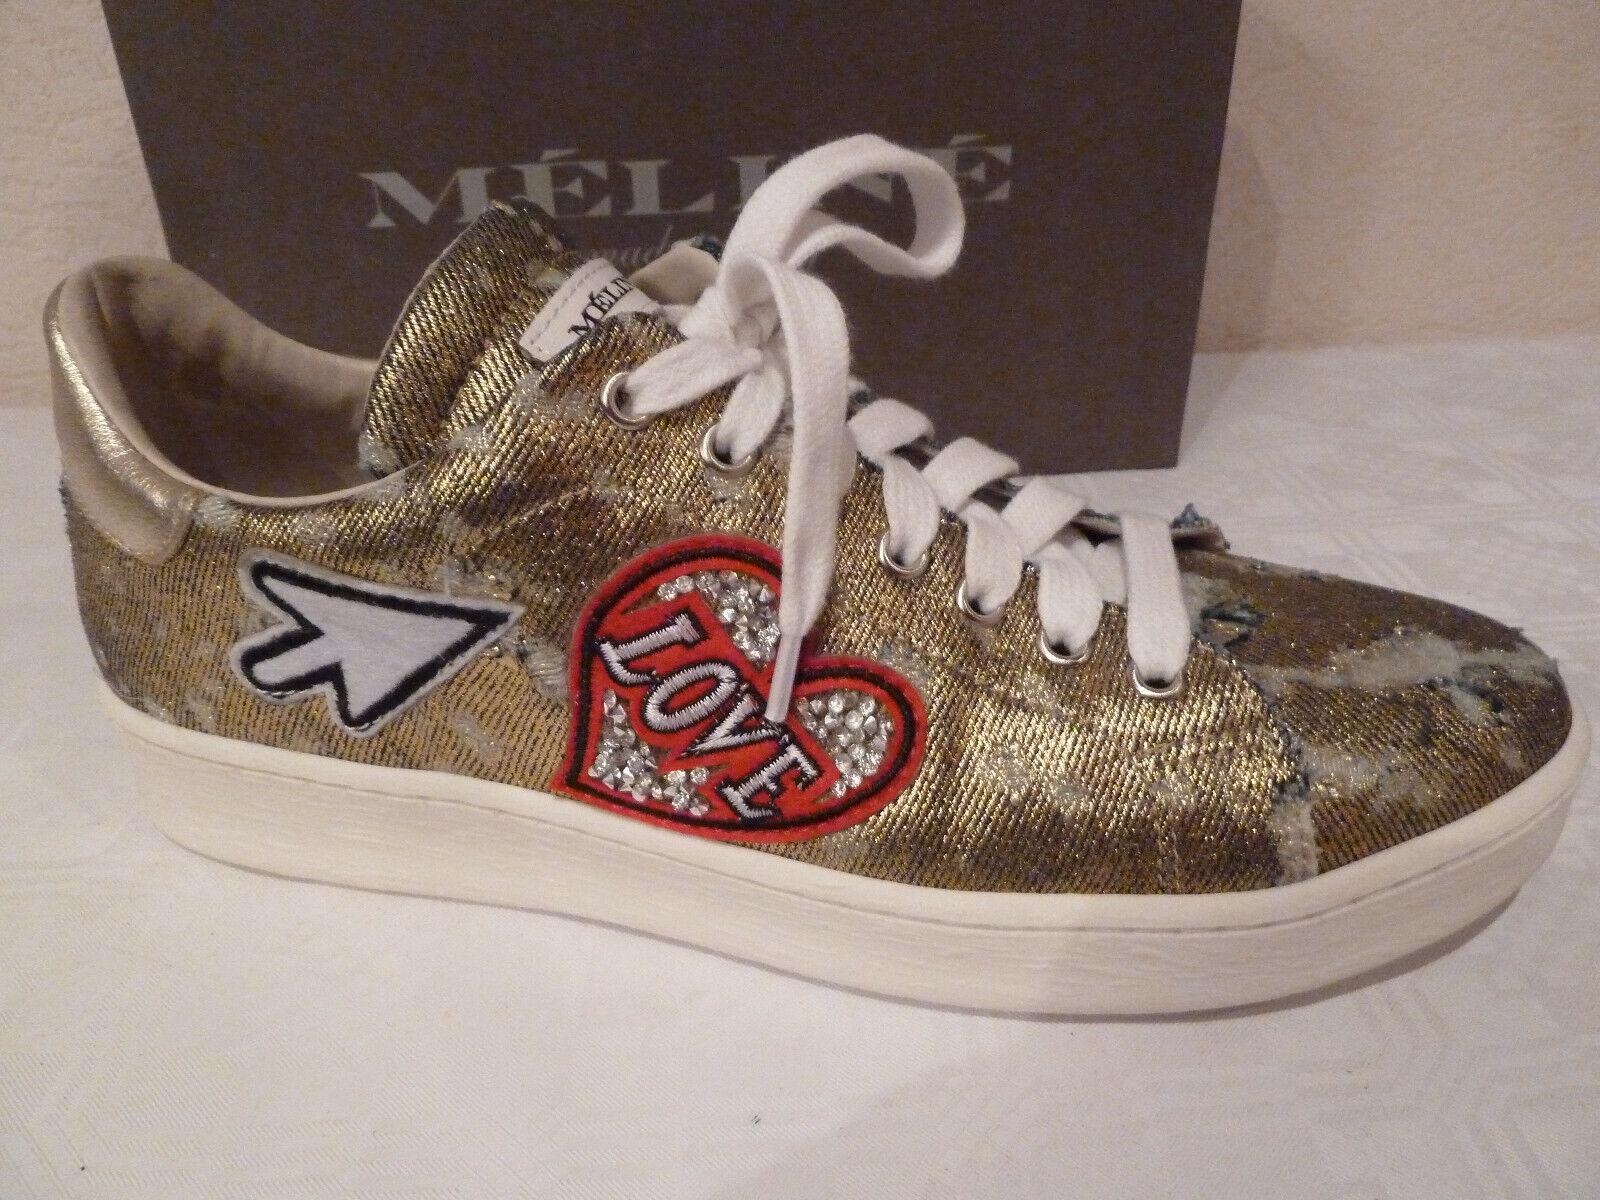 Fetzige Broken Gold Meline Schuhe,Turnschuhe Gold.Gr.7   41, Sohle ca 27 cm lang